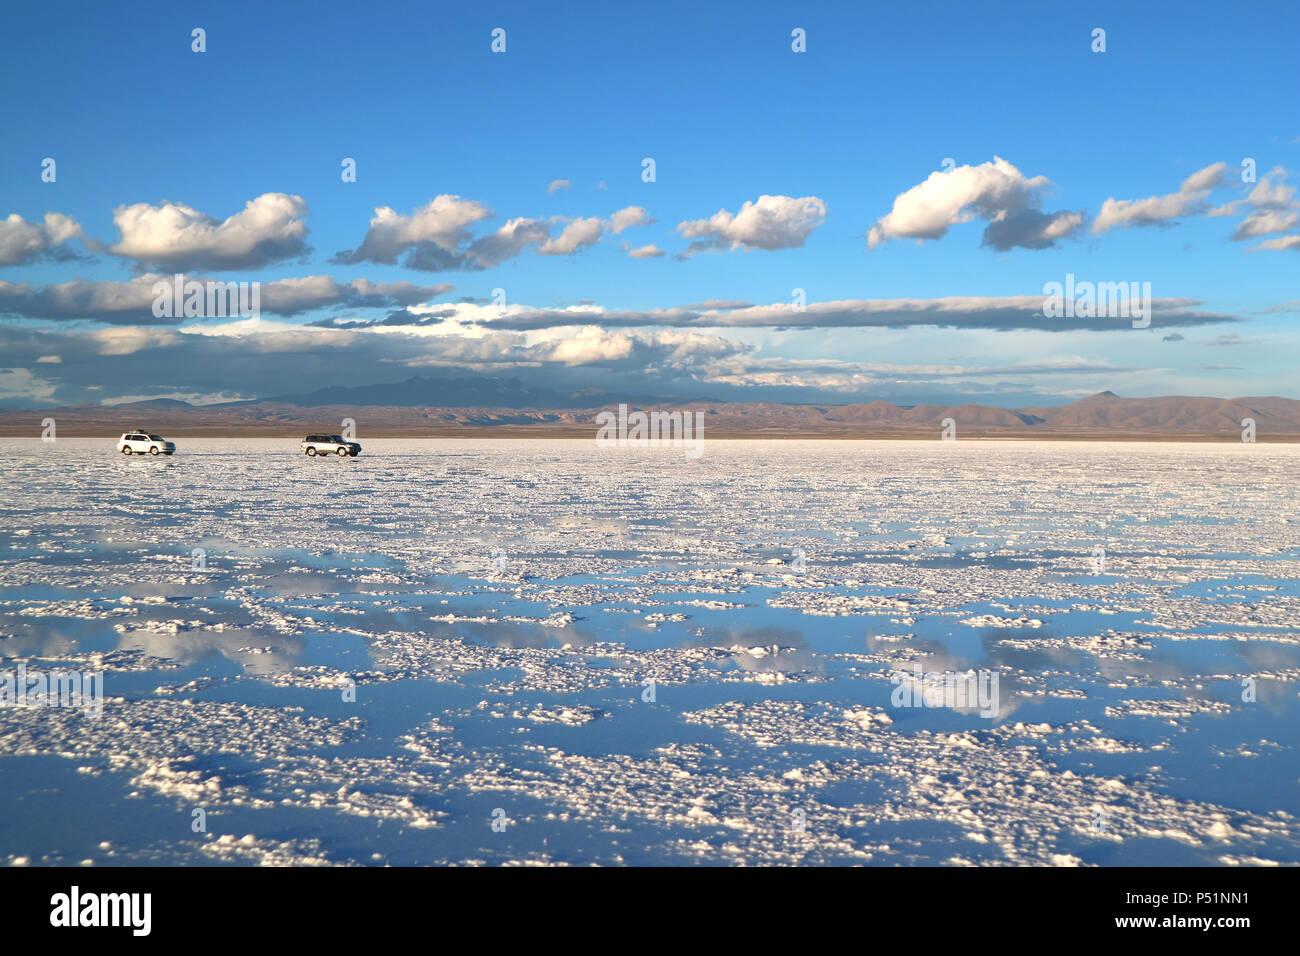 Uyuni Salze Wohnungen oder Salar de Uyuni am Ende der Regenzeit, Bolivien, Südamerika Stockbild